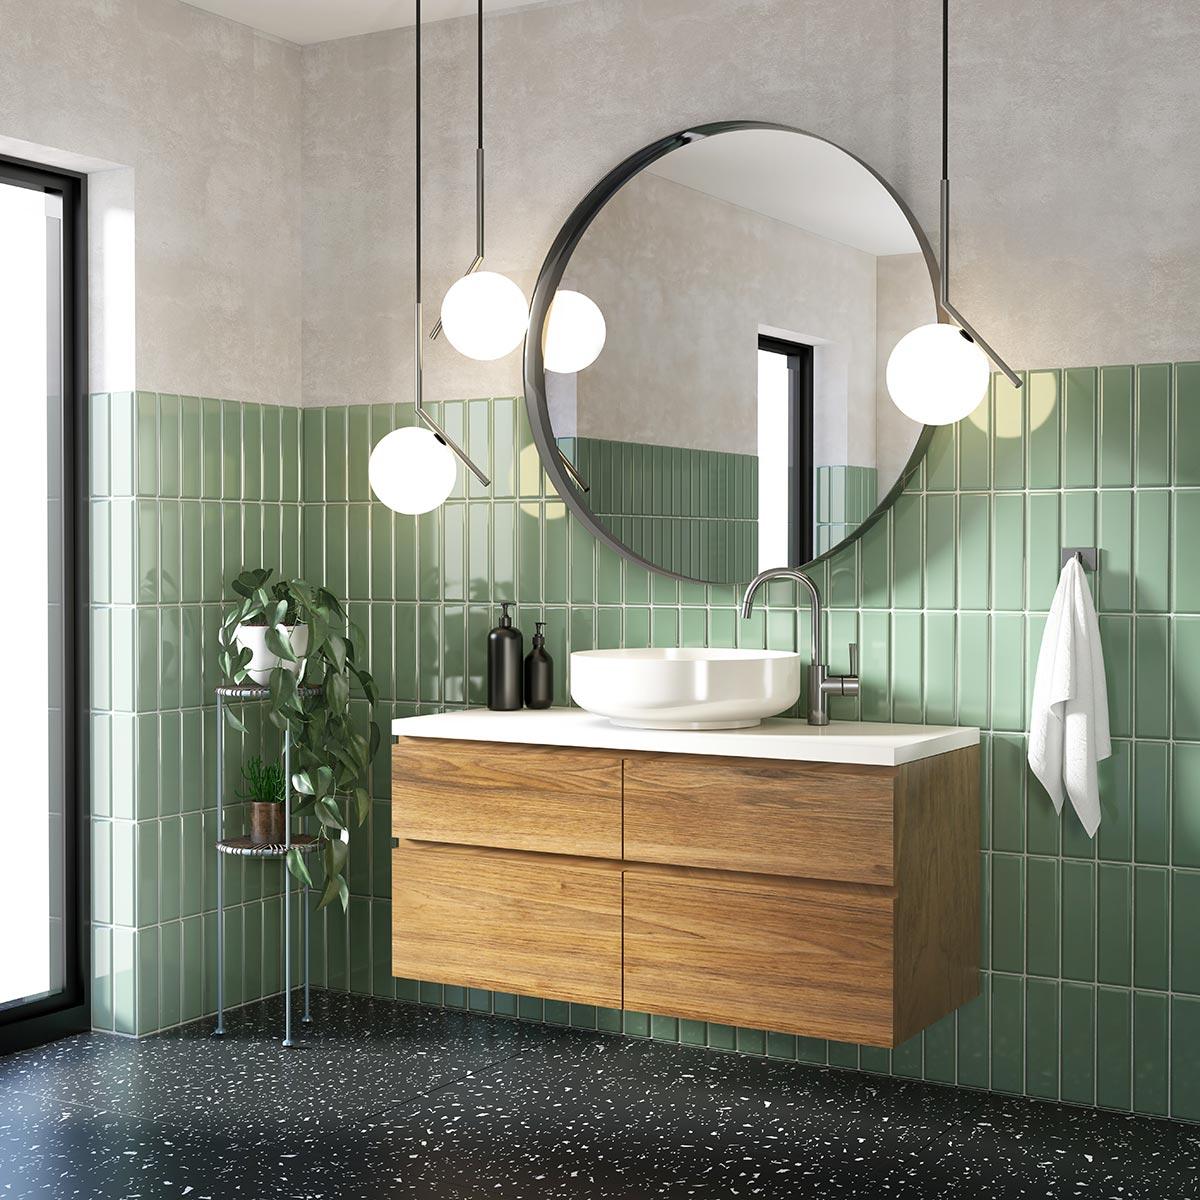 Bagno contemporaneo con pavimento nero e piastrelle verde vintage.